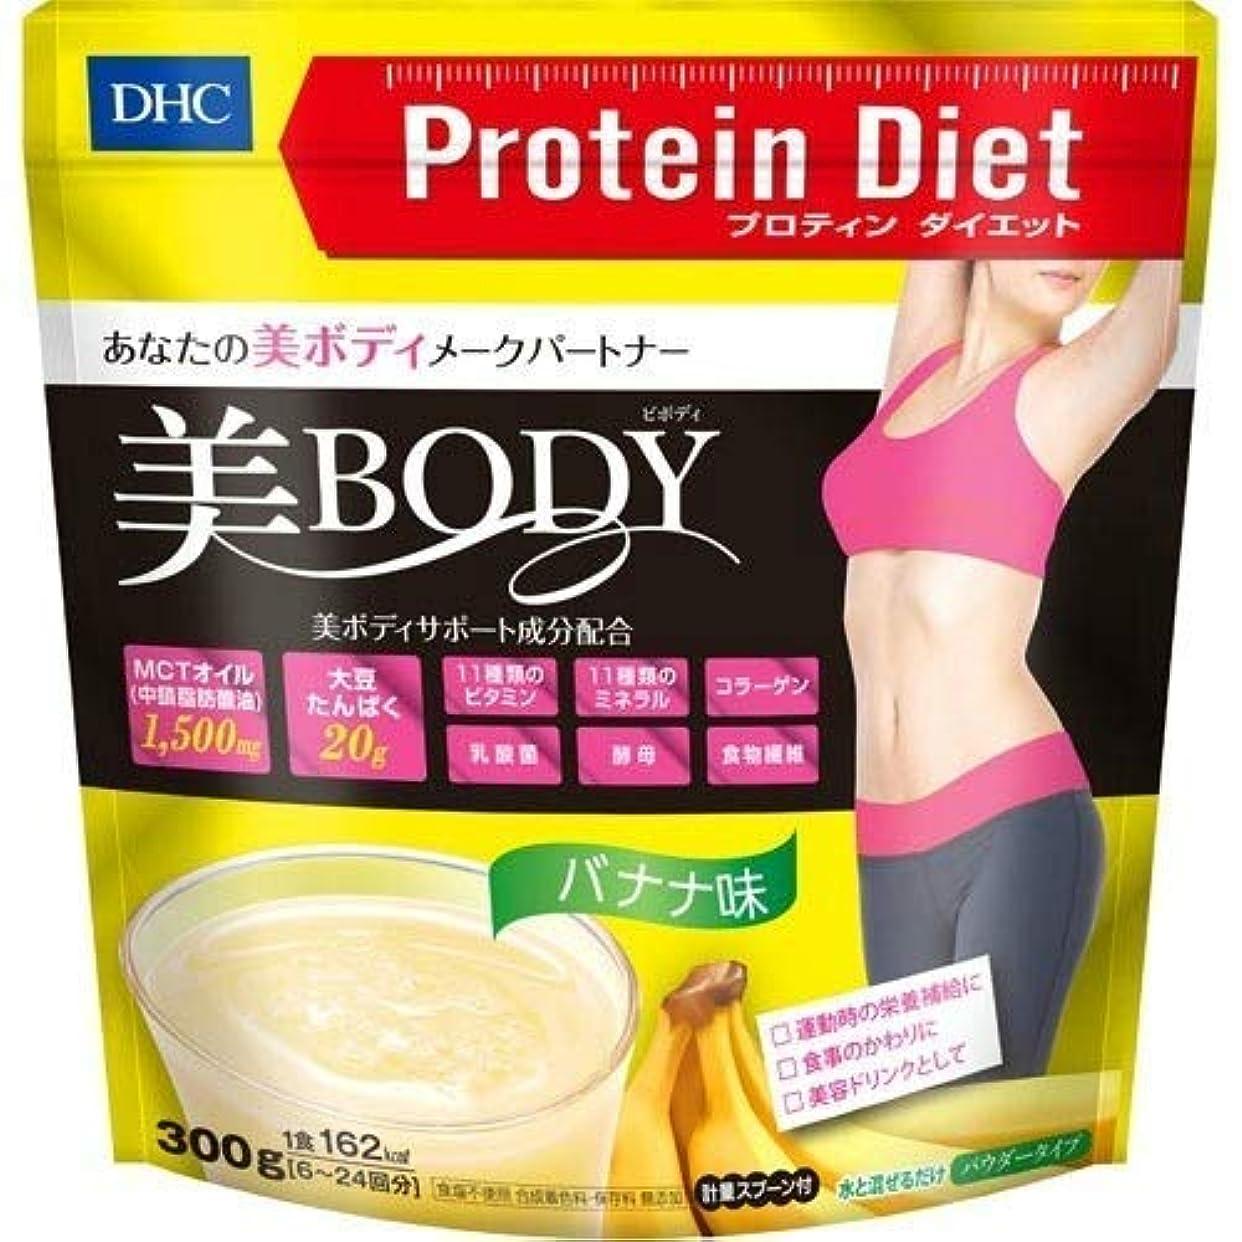 学習者血色の良い定期的DHC プロテインダイエット 美Body バナナ味 300g × 3個セット